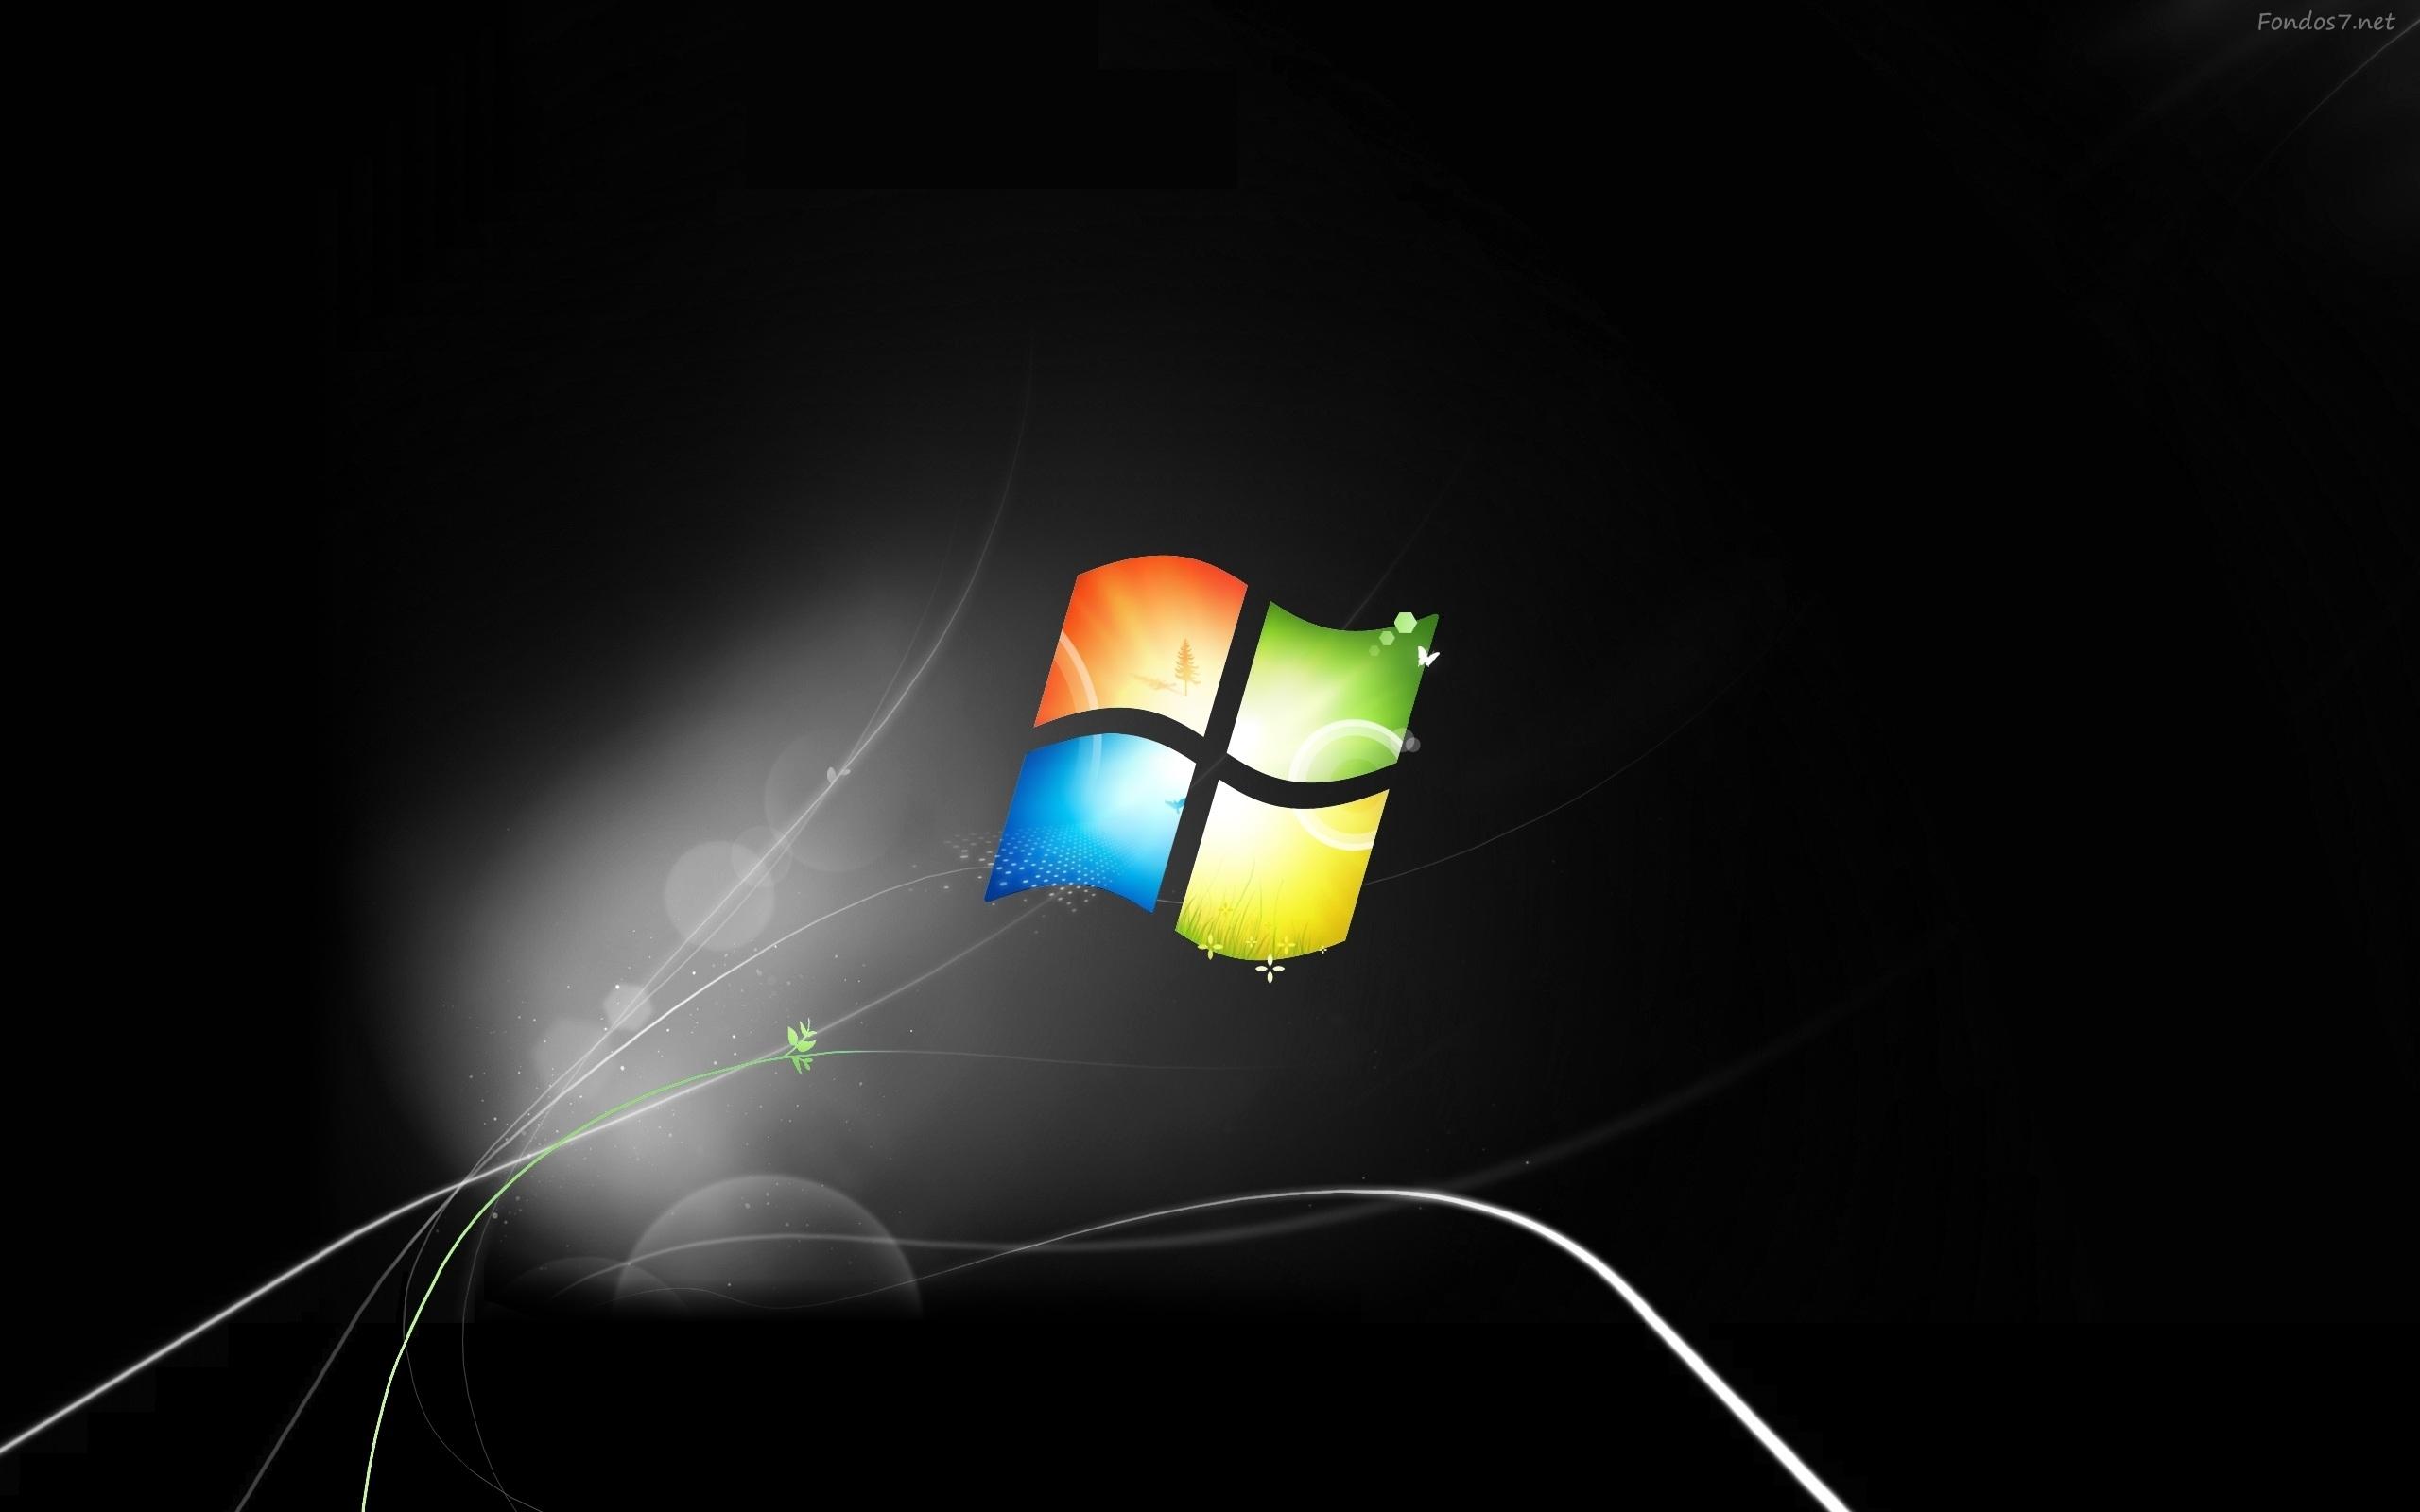 Windows 7 Seven Wallpaper Fondos De Escritorio Wallpapers: Dark Windows 7 Wallpaper